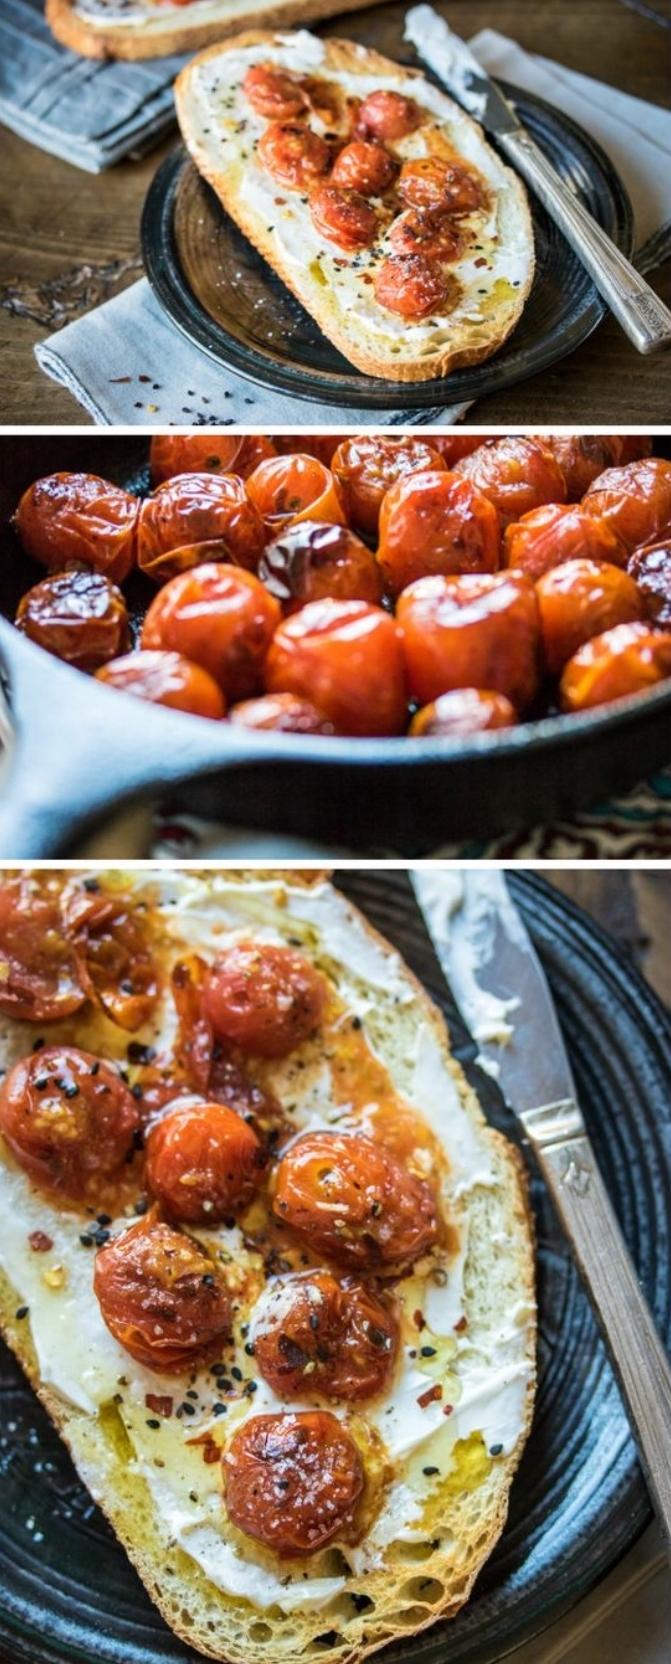 idée de recette de tapas, exemple recette facile et rapide, pain tartiné de mascarpone avec des tomates cerise rôtis au four et épices